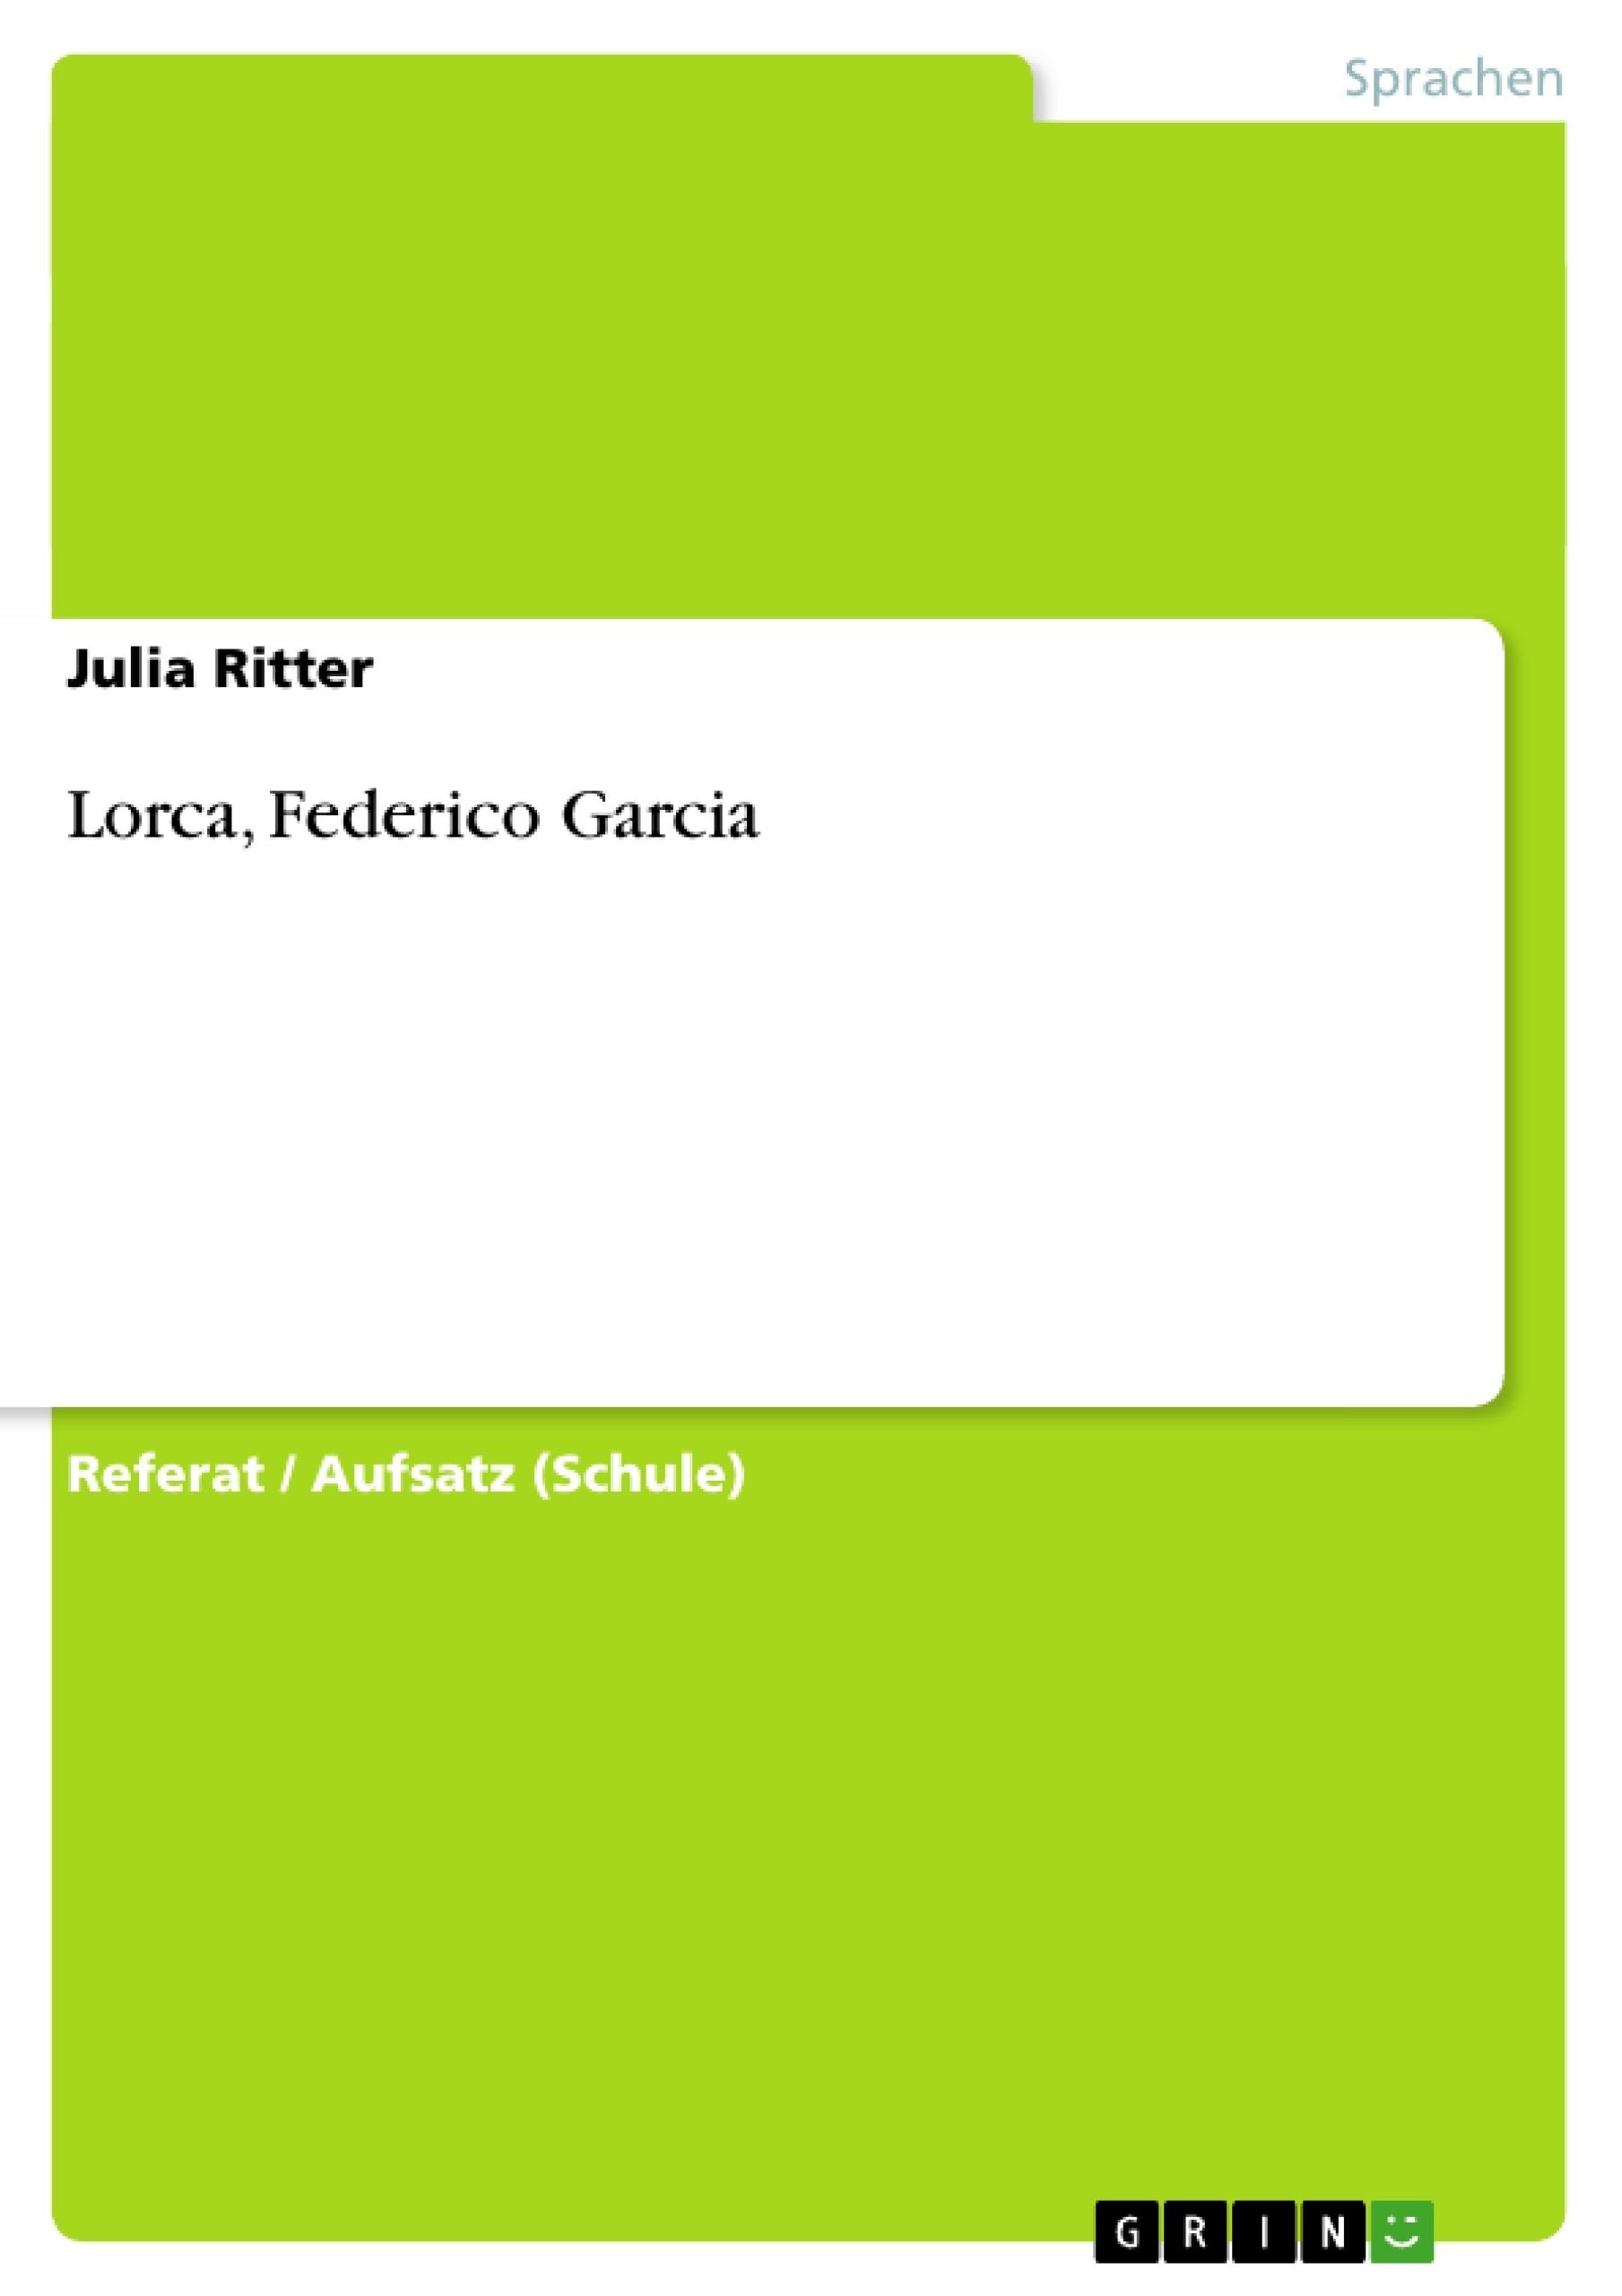 Titel: Lorca, Federico Garcia